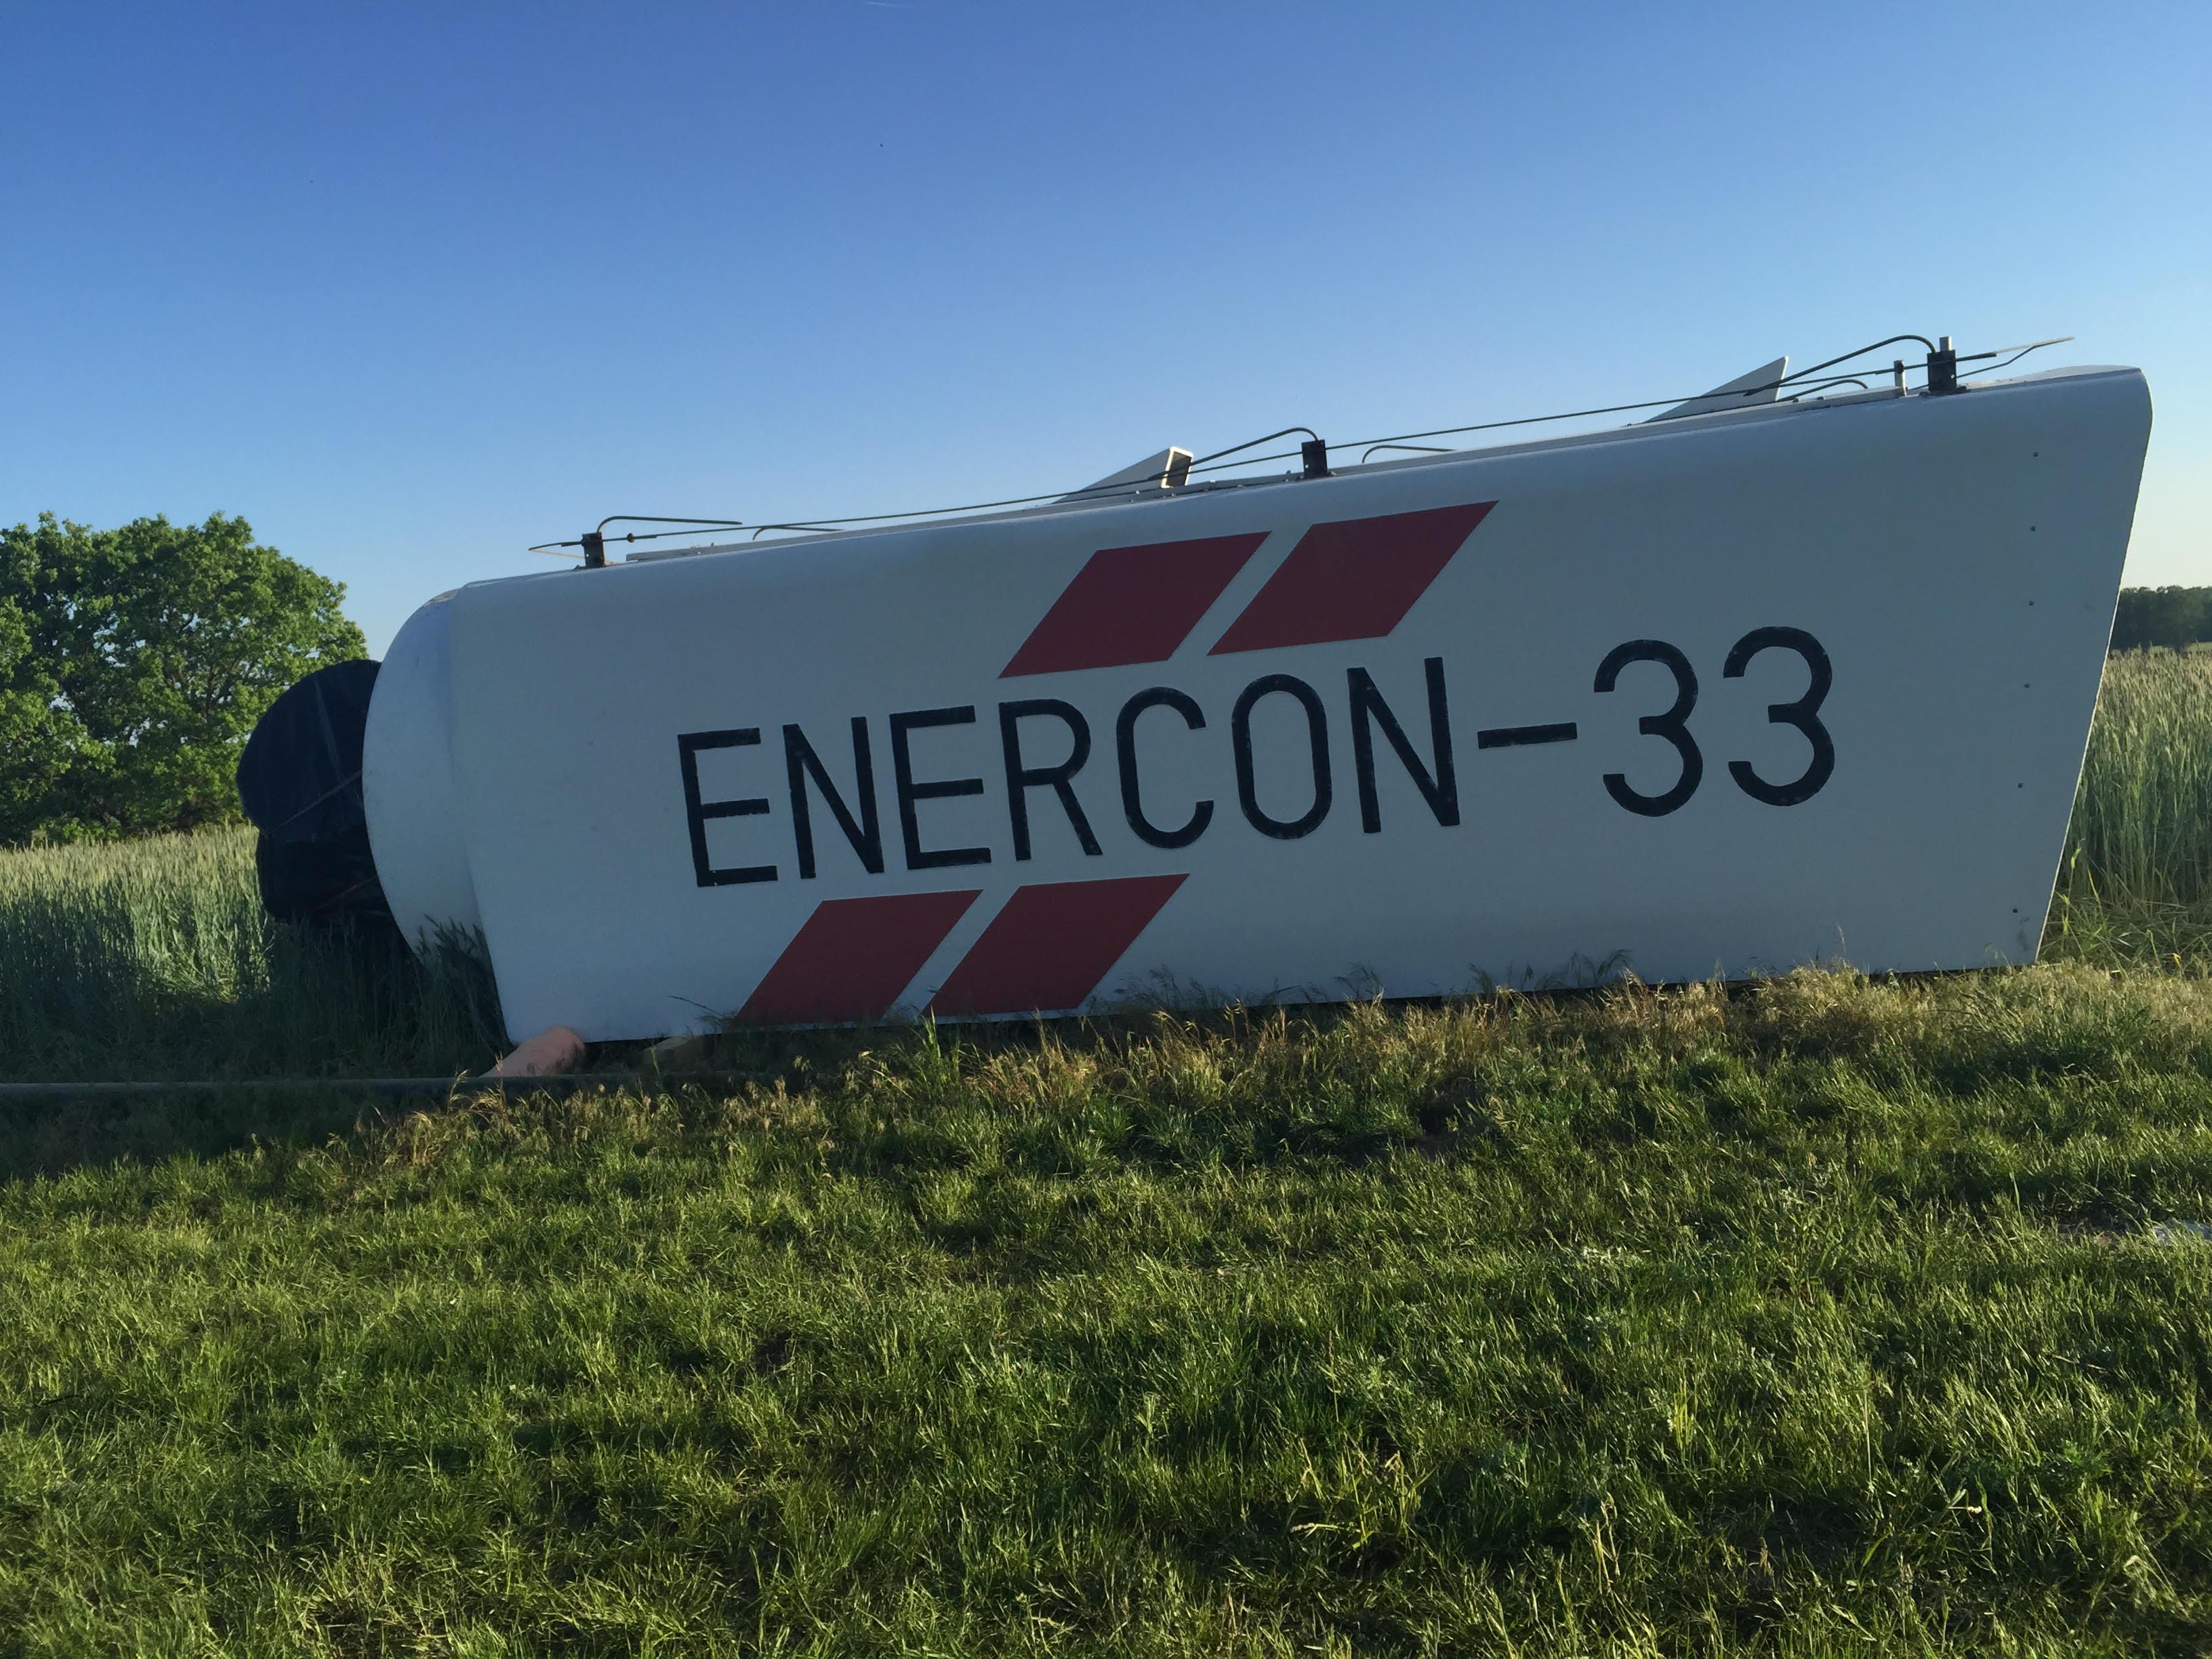 Enercon e33